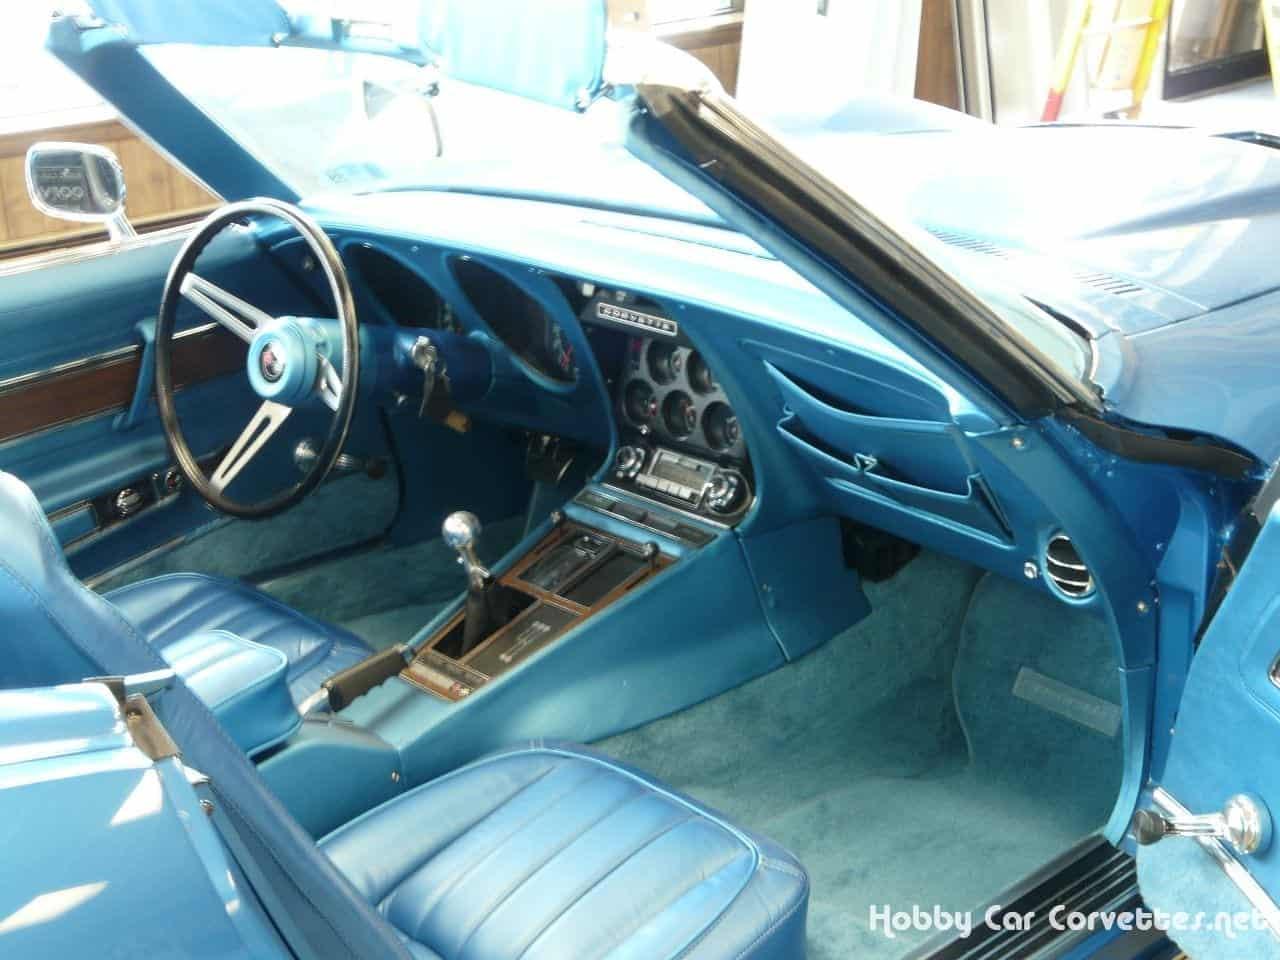 1970 Mulsanne Blue LT1 Corvette Stingray Convertible